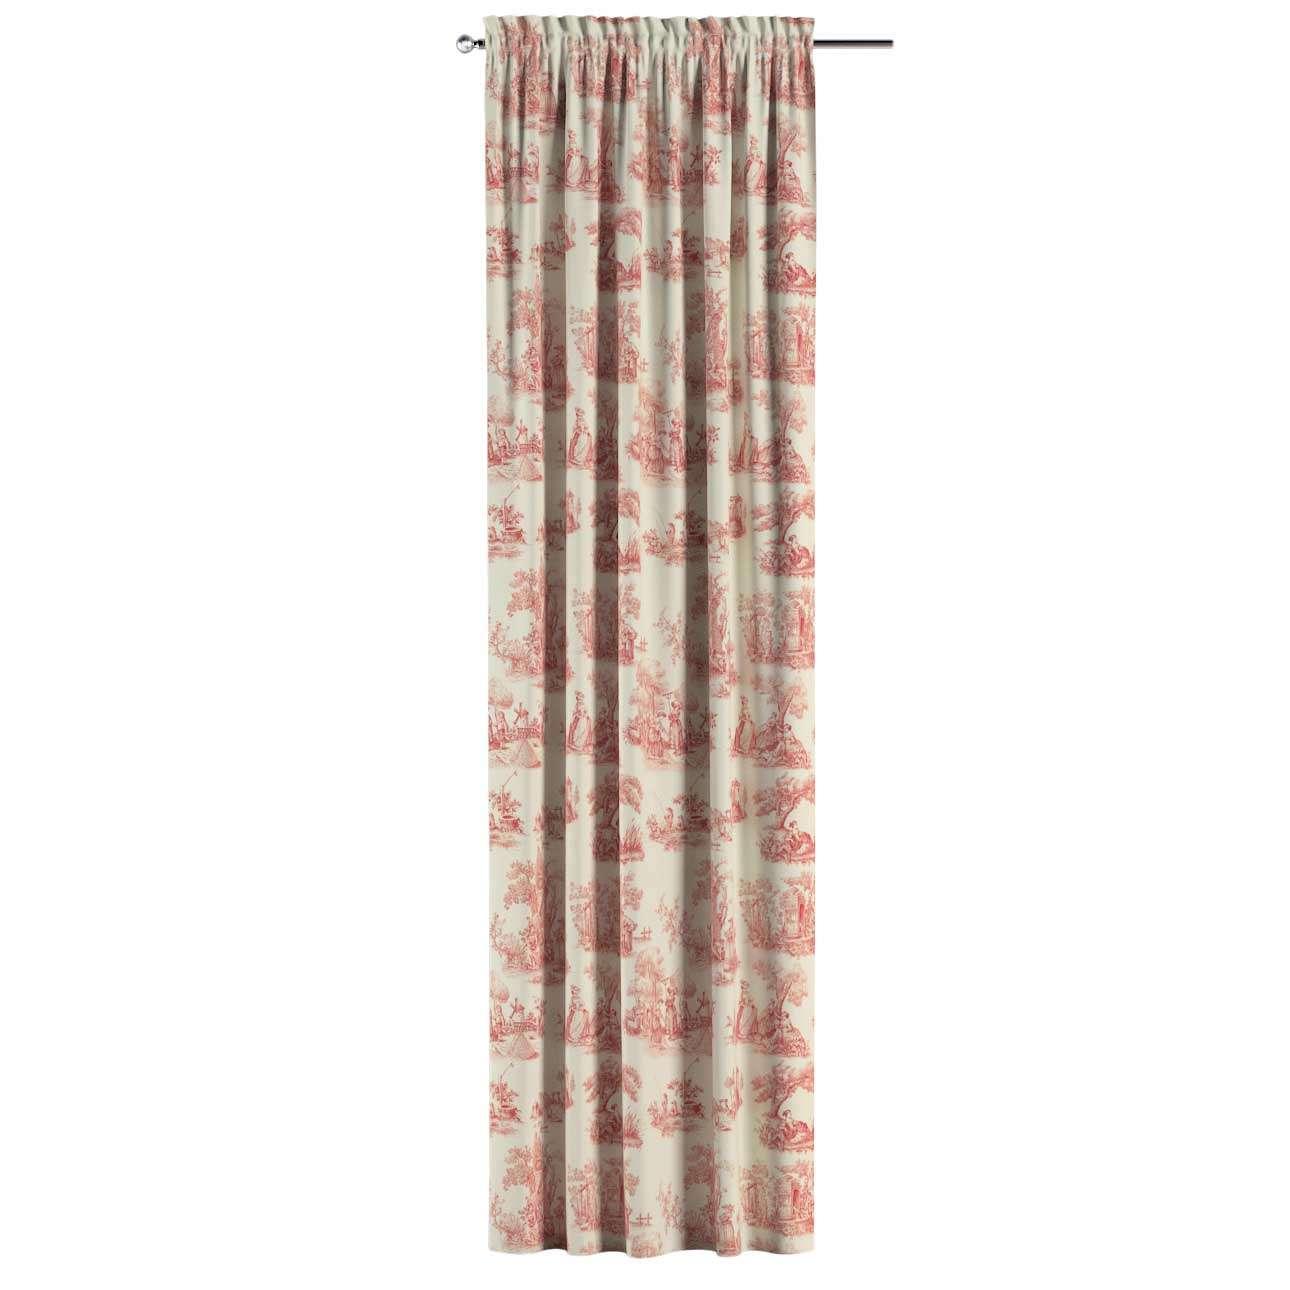 Zasłona na kanale z grzywką 1 szt. 1szt 130x260 cm w kolekcji Avinon, tkanina: 132-15